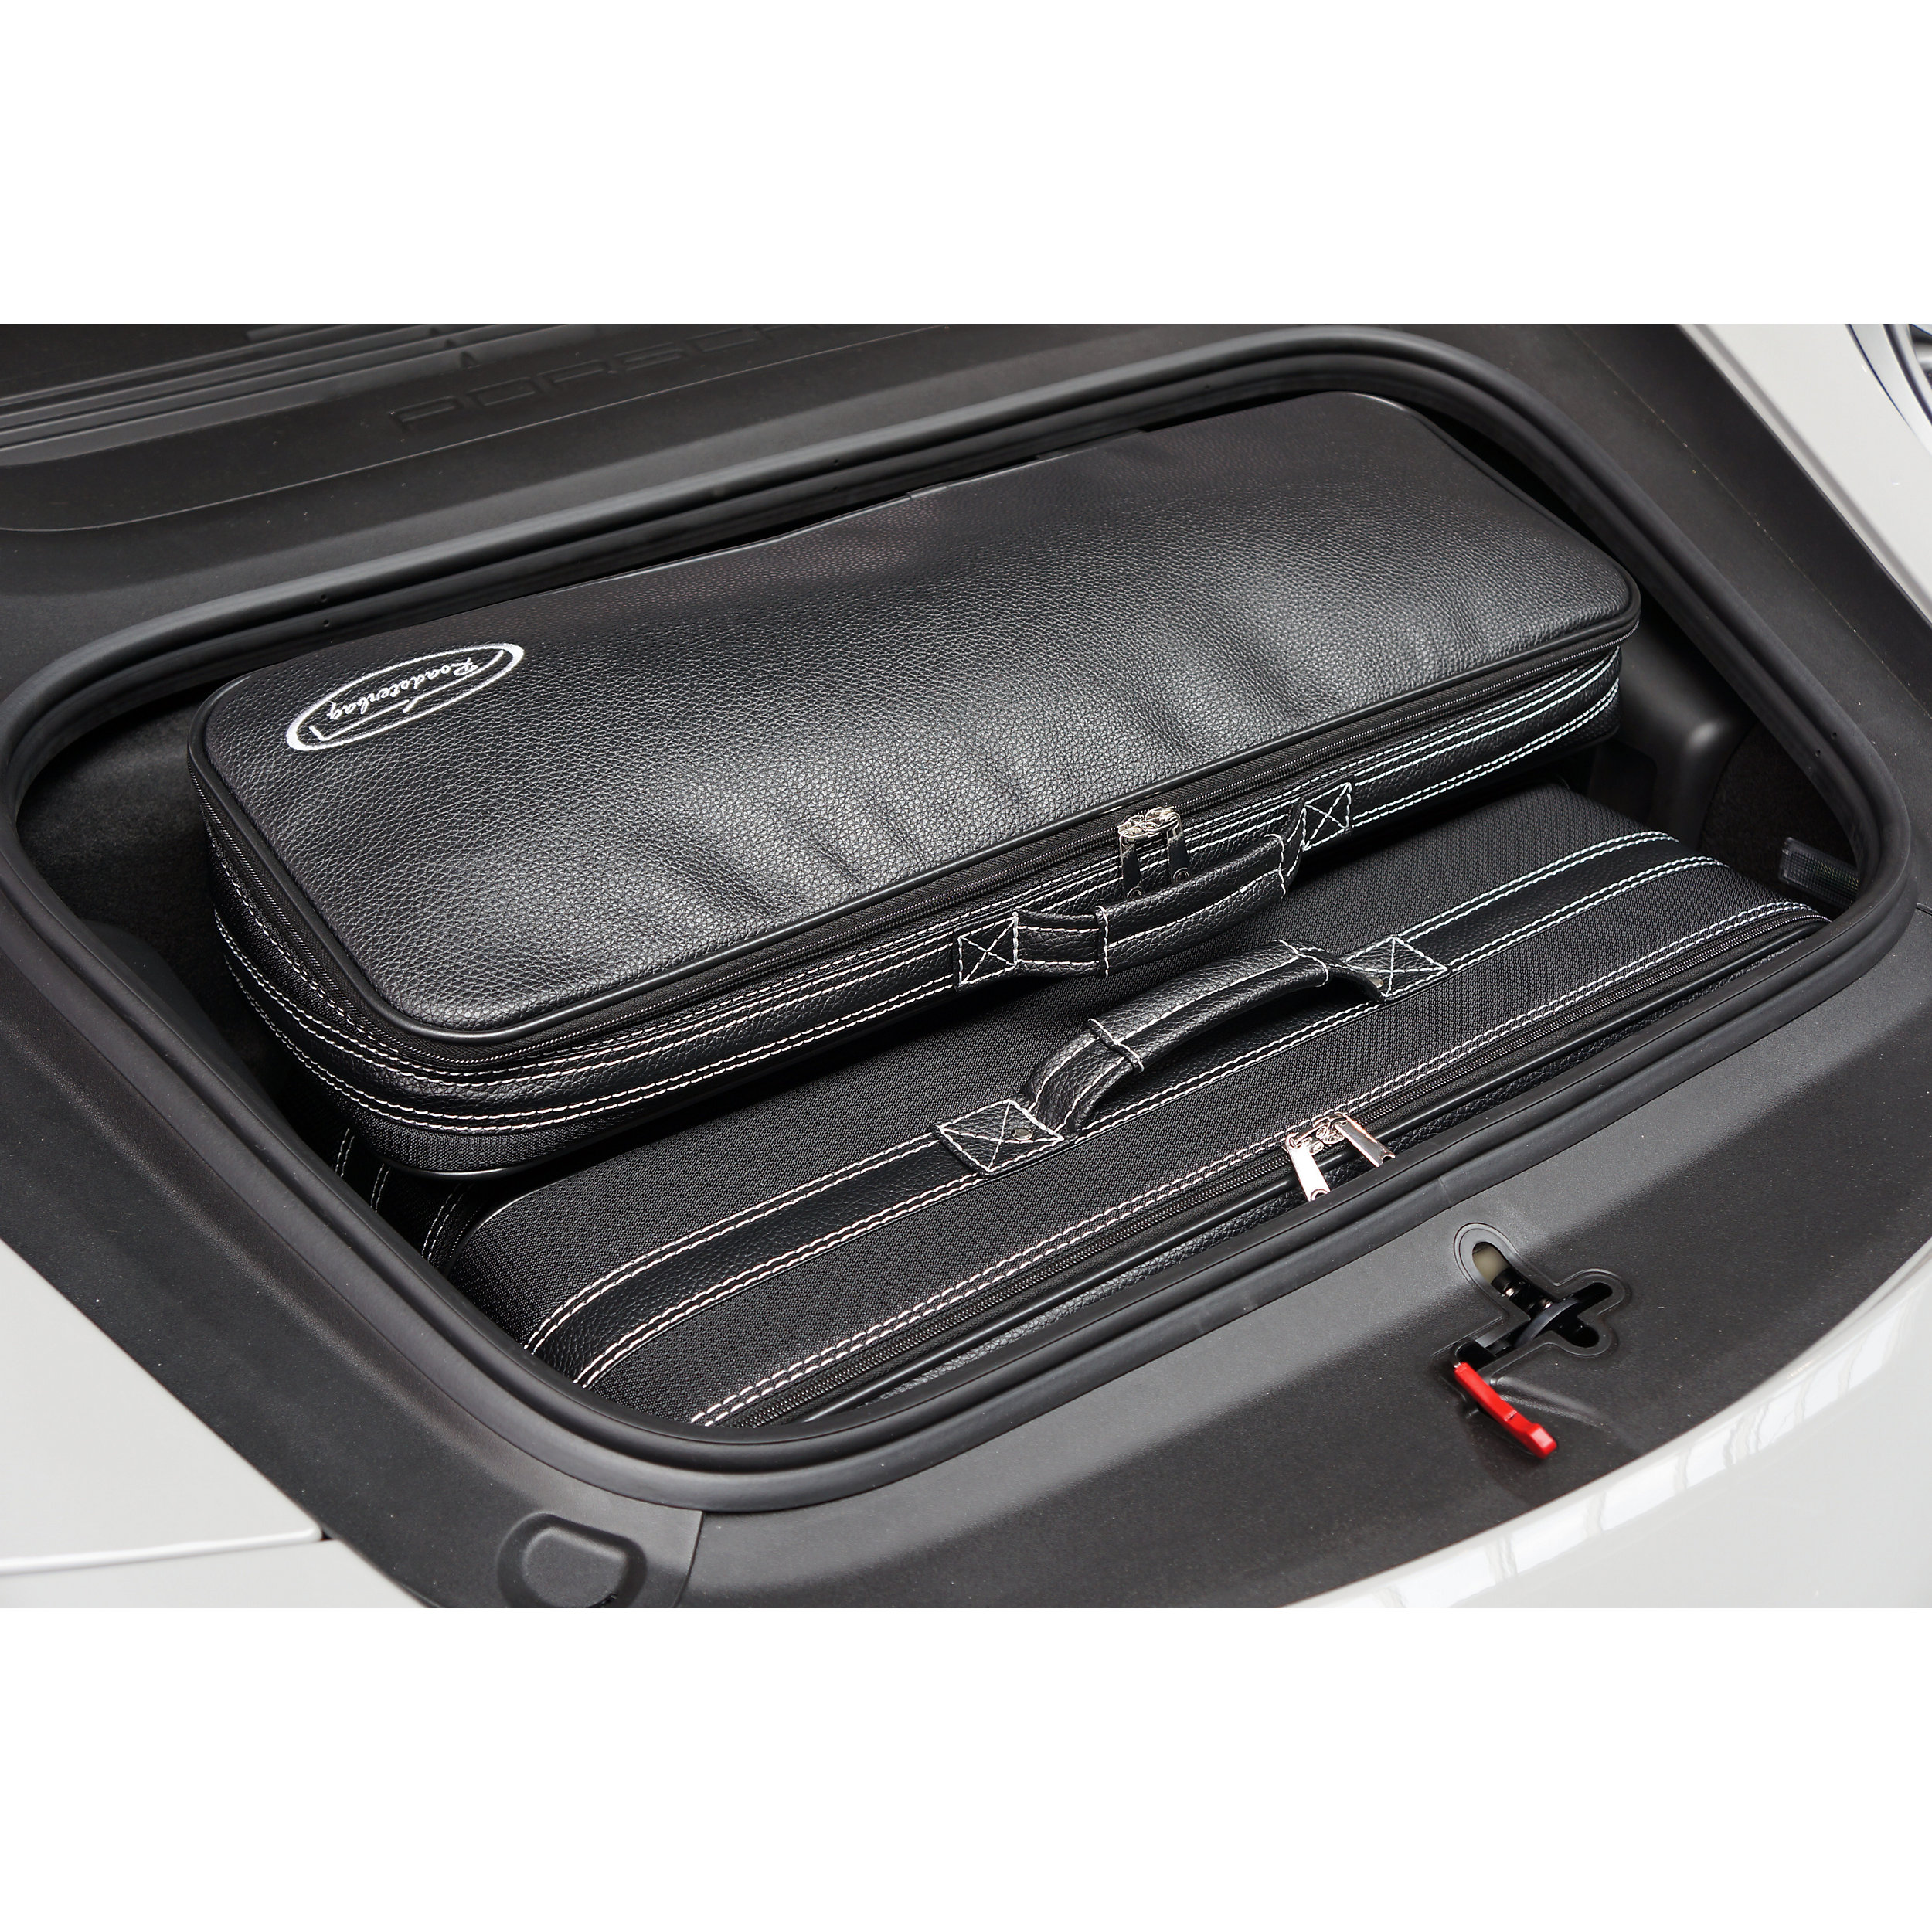 3-tlg. Kofferset Porsche 911 (991/2) Allrad/Turbo 92 Liter